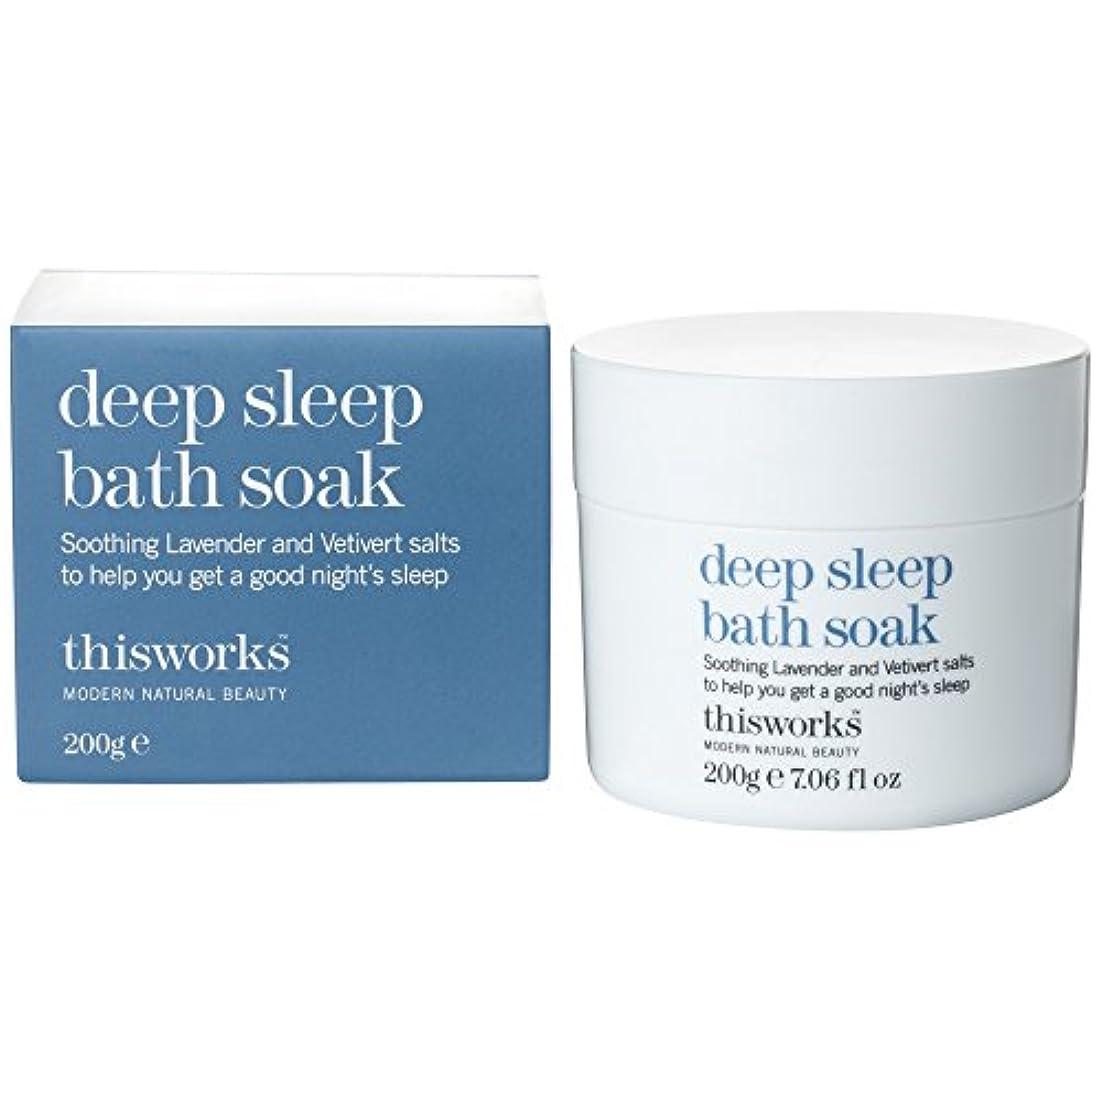 競合他社選手嫌いインスタントこれは、深い眠り浴が200グラムを浸す働きます (This Works) (x6) - This Works Deep Sleep Bath Soak 200g (Pack of 6) [並行輸入品]